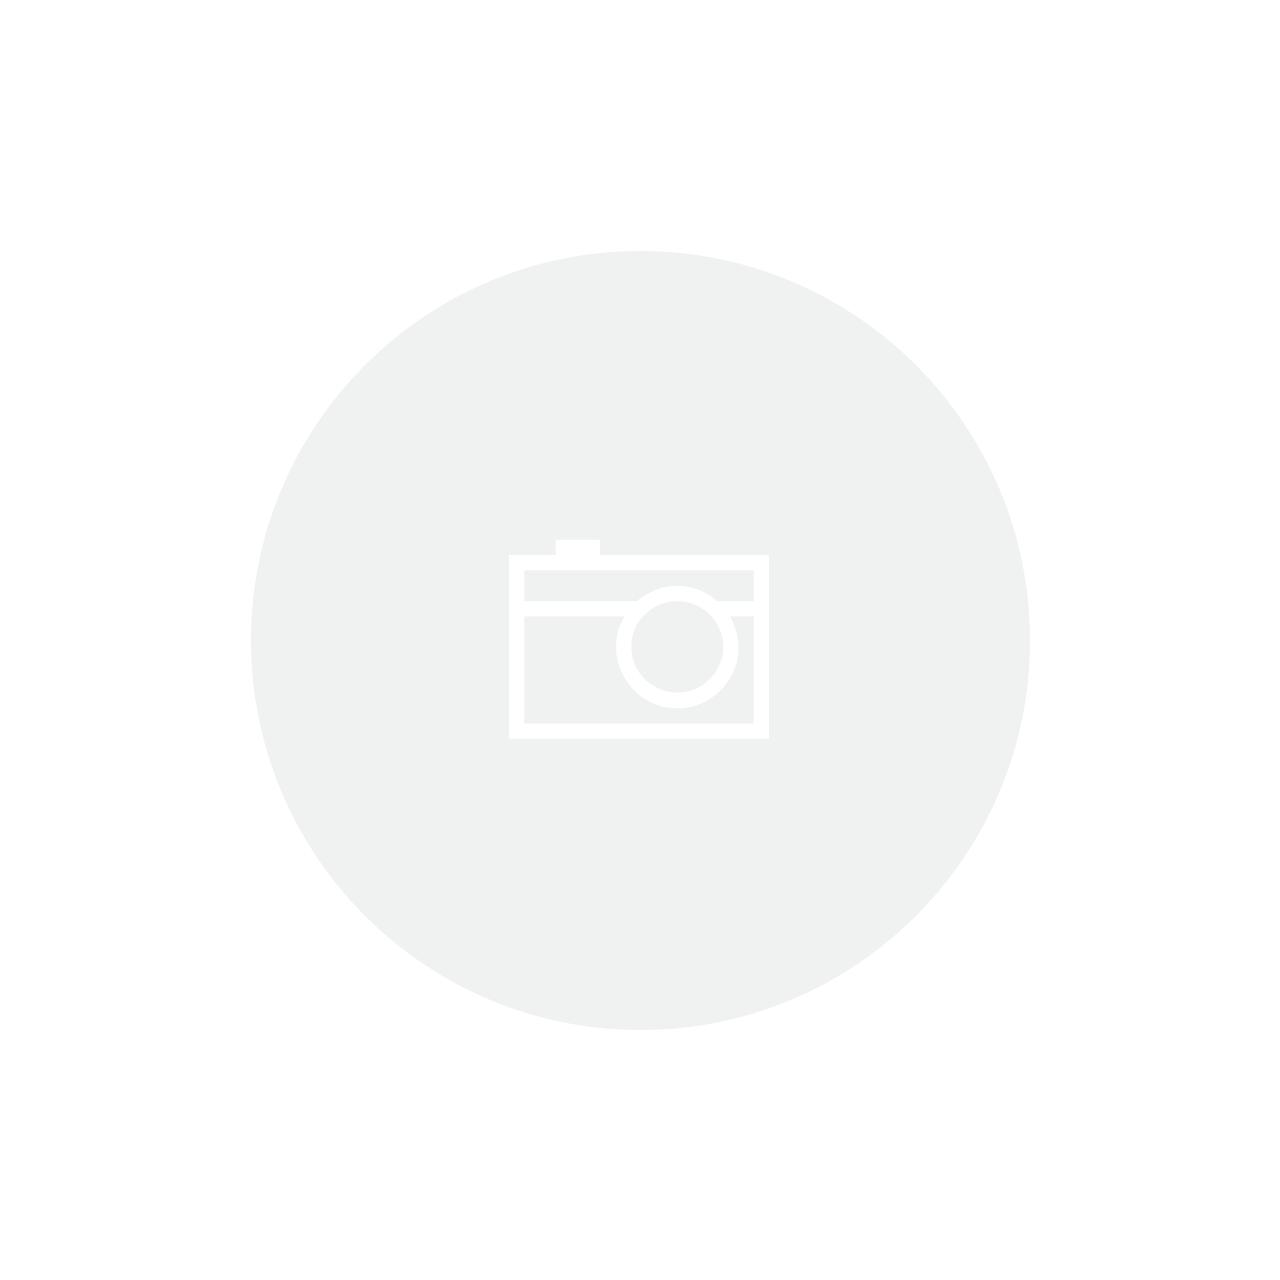 Bandeira - 2,10x,1,20m - Oxford sublimação Exclusivo